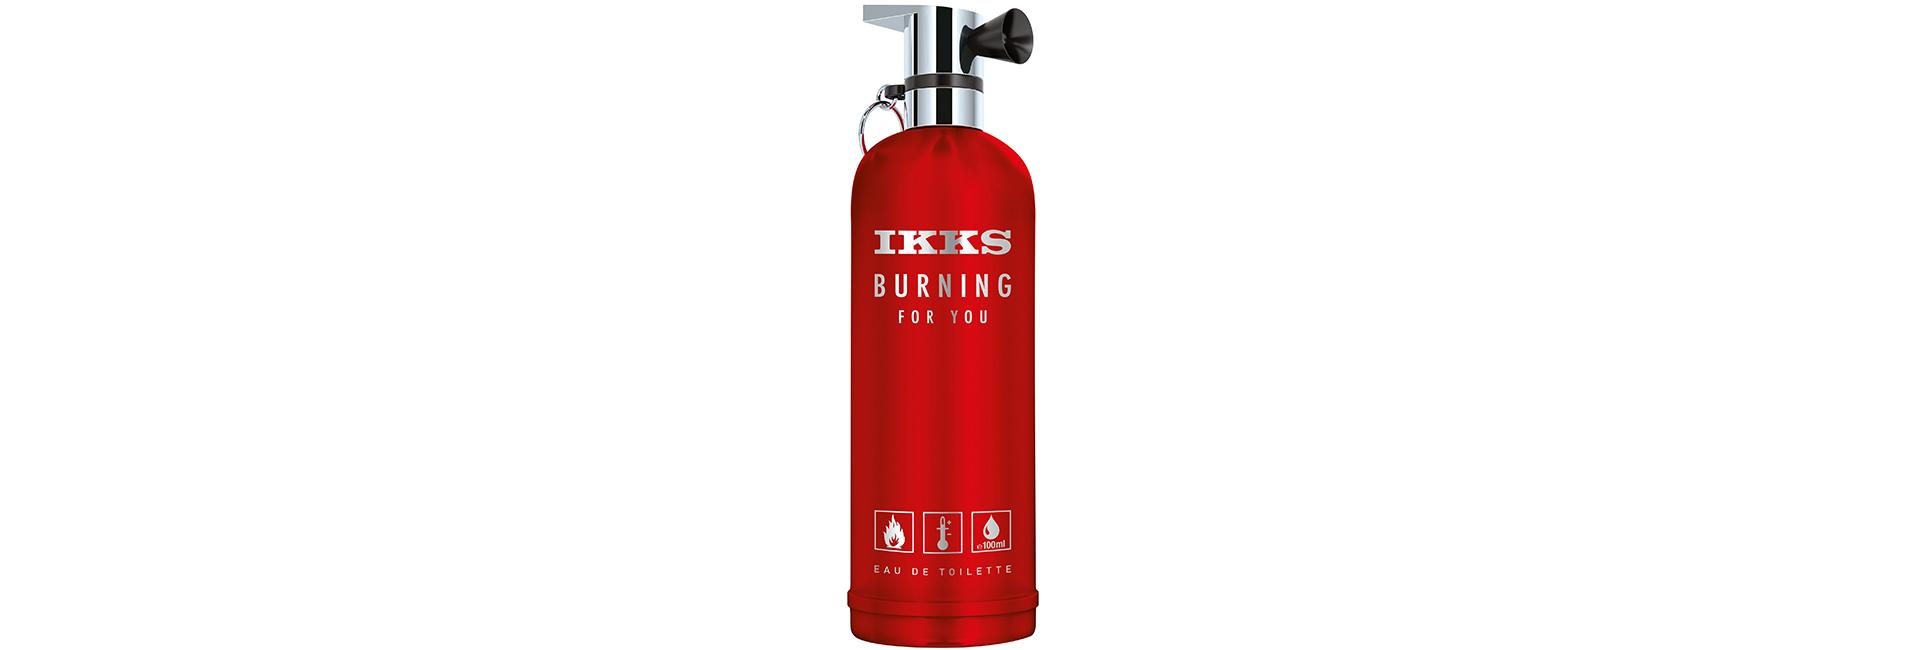 burning-for-you-ikks-blog-beaute-soin-parfum-homme